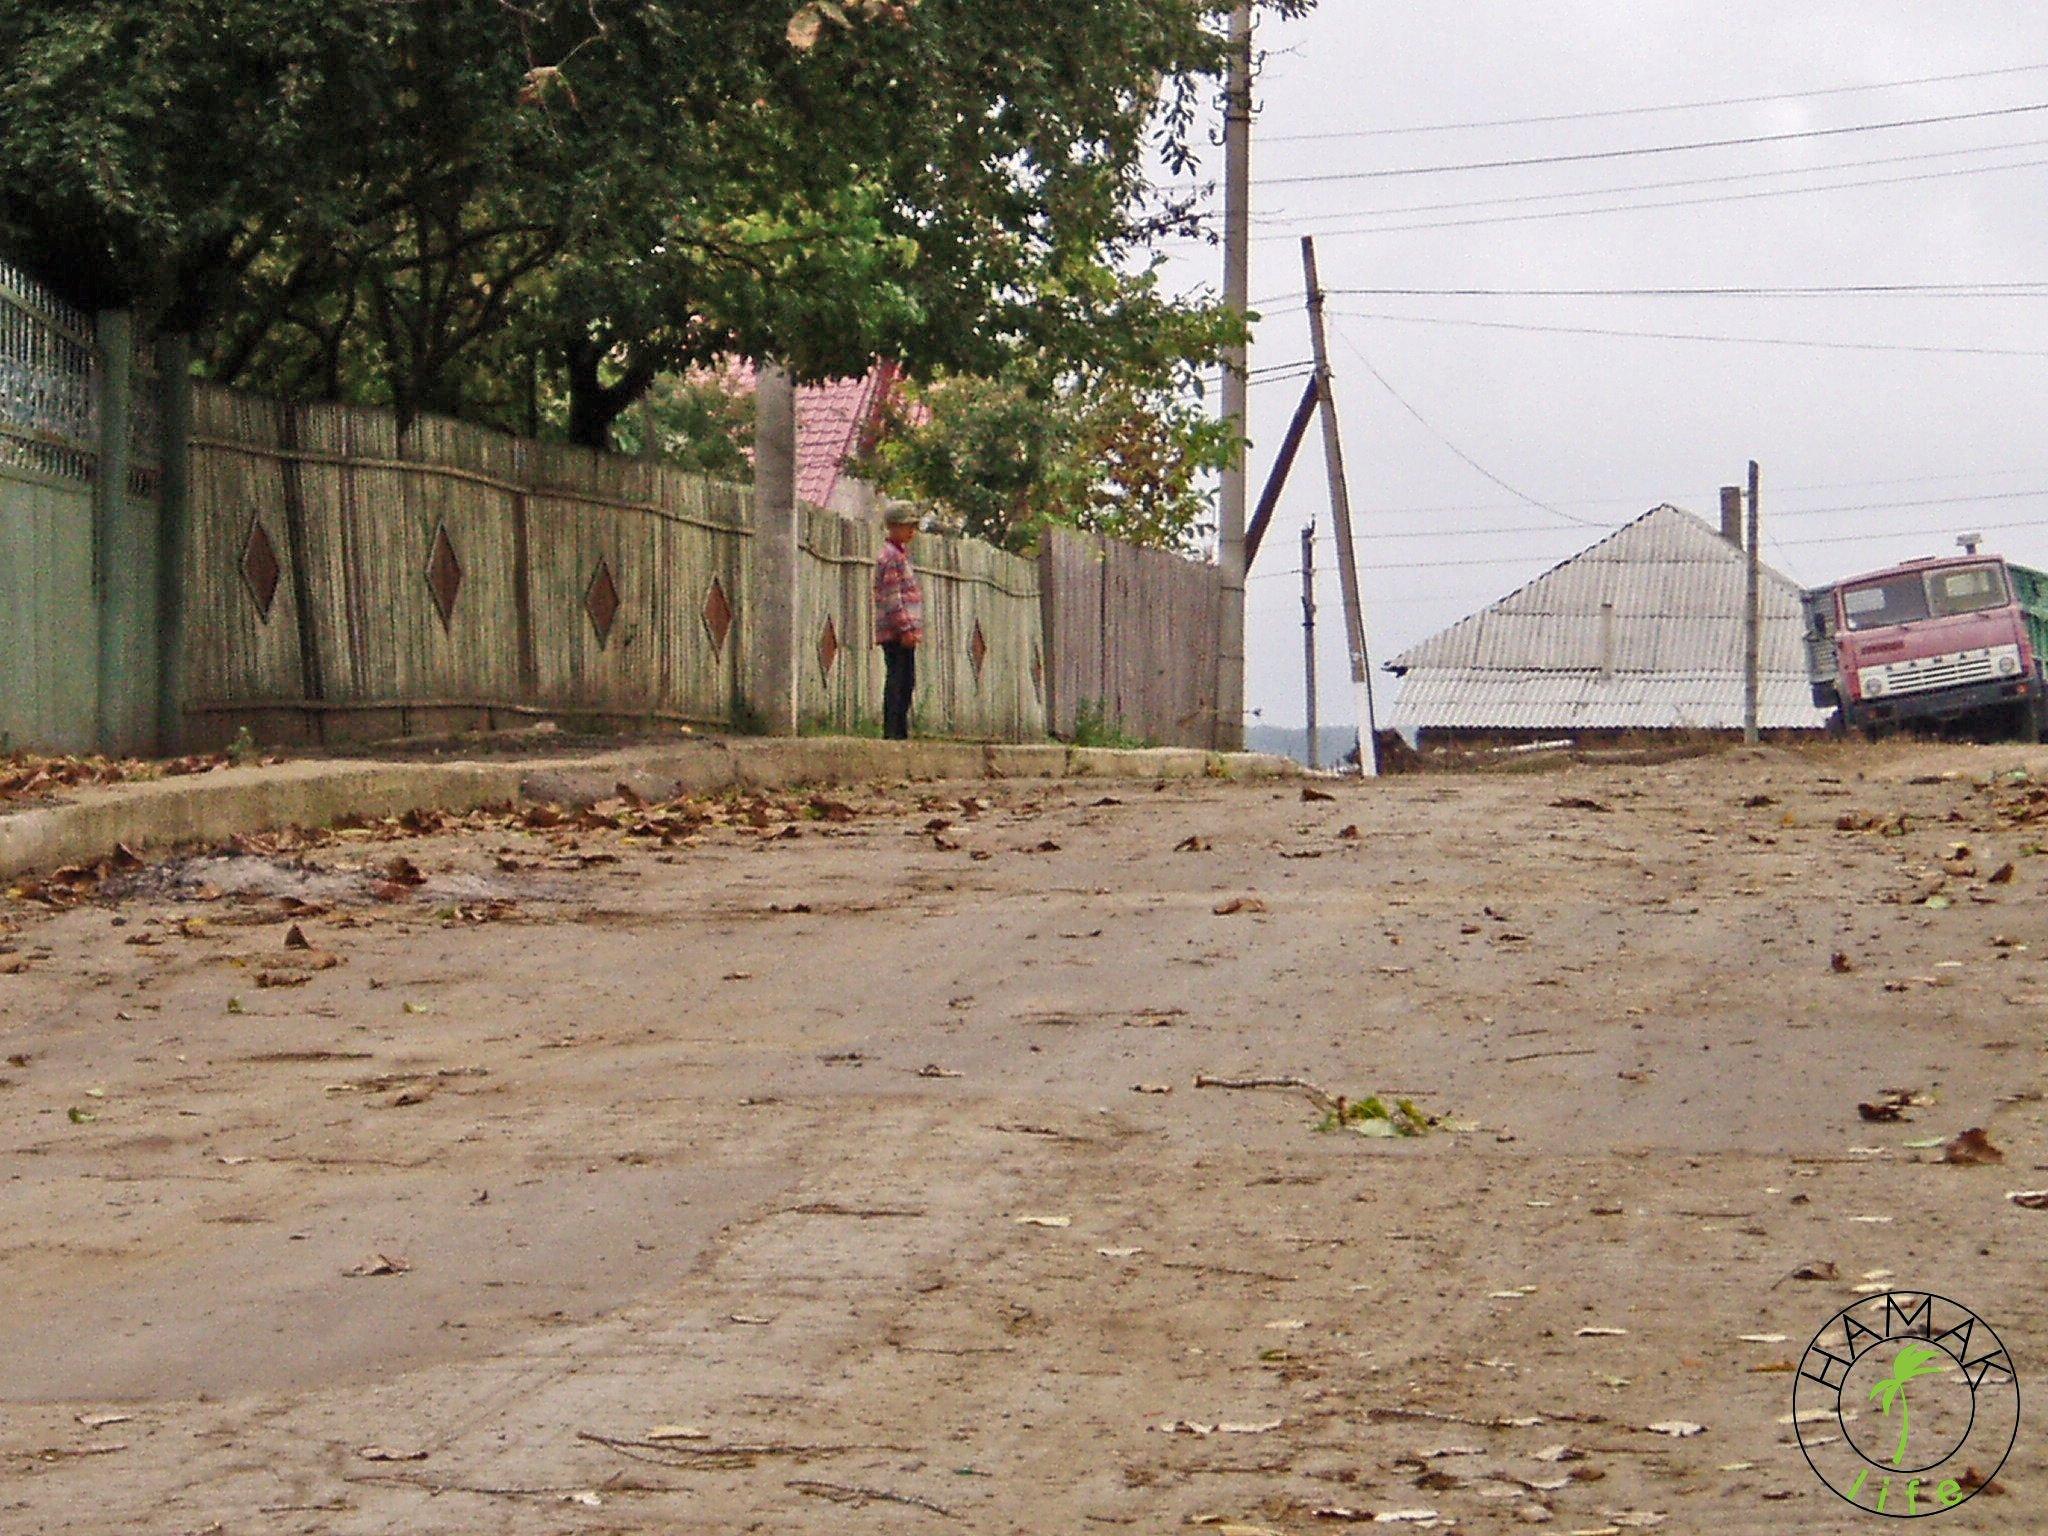 Reportaż z wioski w Mołdawii. Droga w wiosce.